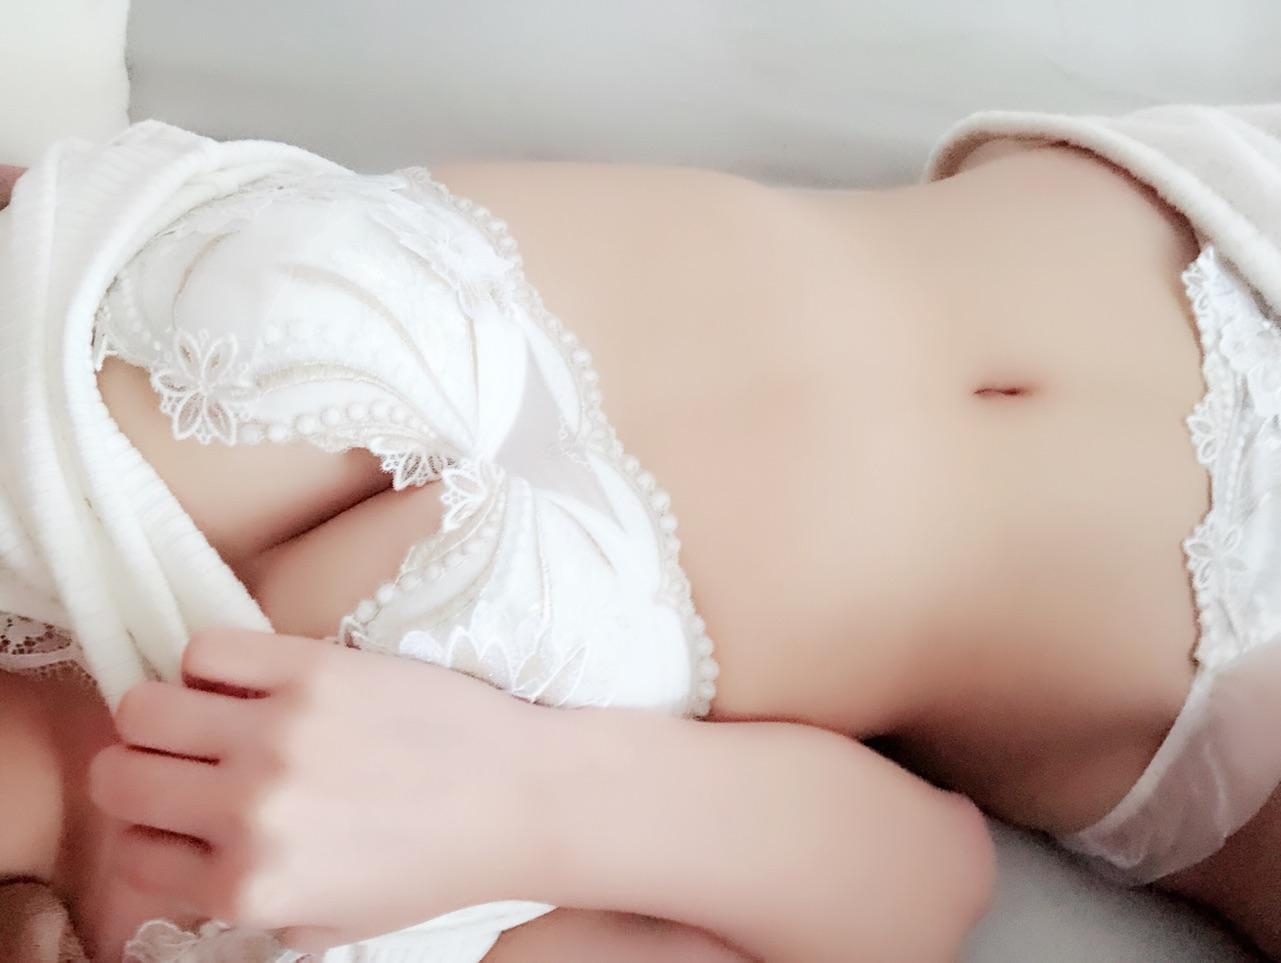 「おはようございます♡♡」06/22(金) 19:31 | あえりの写メ・風俗動画